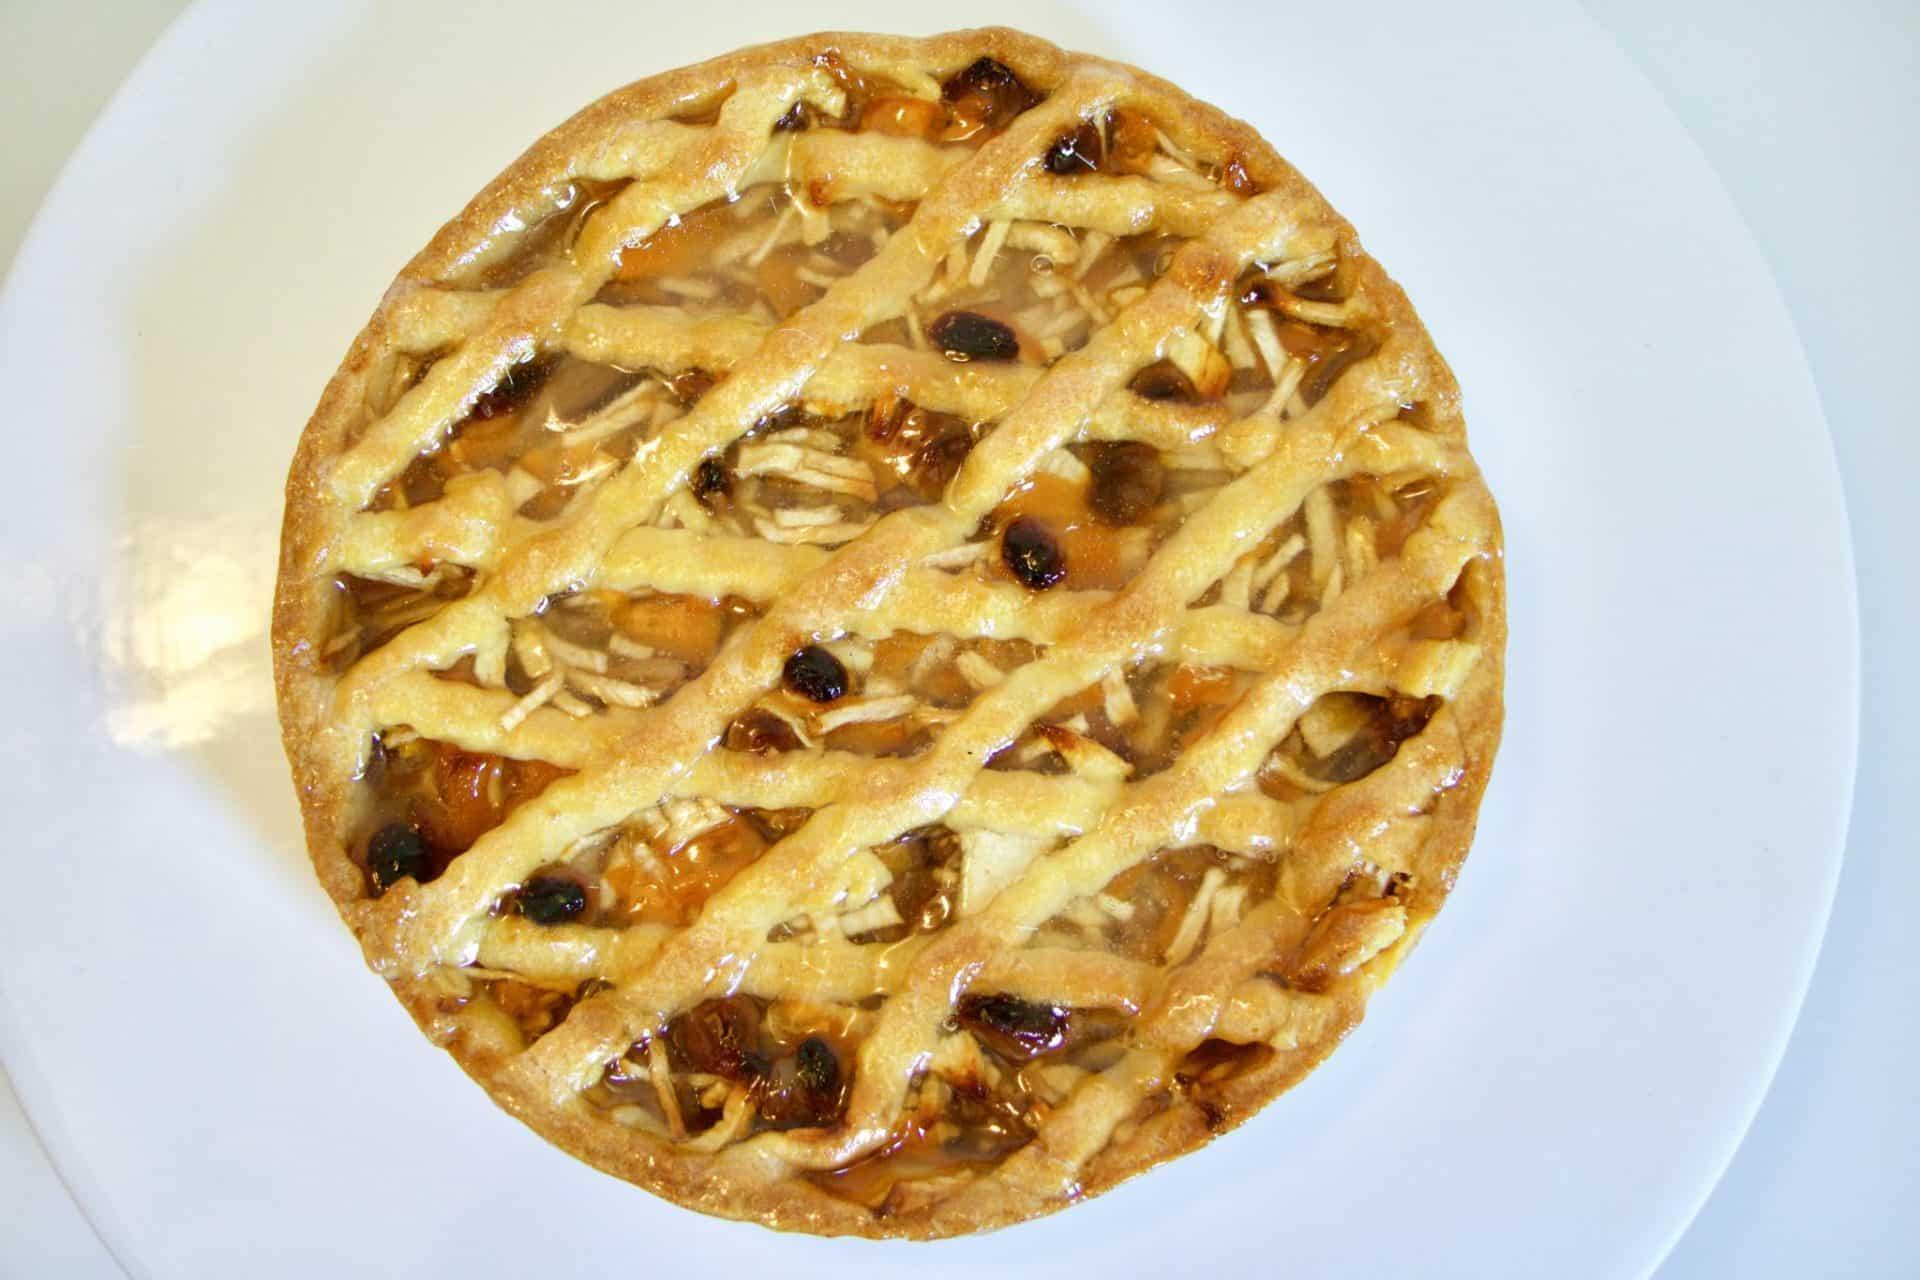 immagine della crostata fantasia di mele e pesche su biancolievito